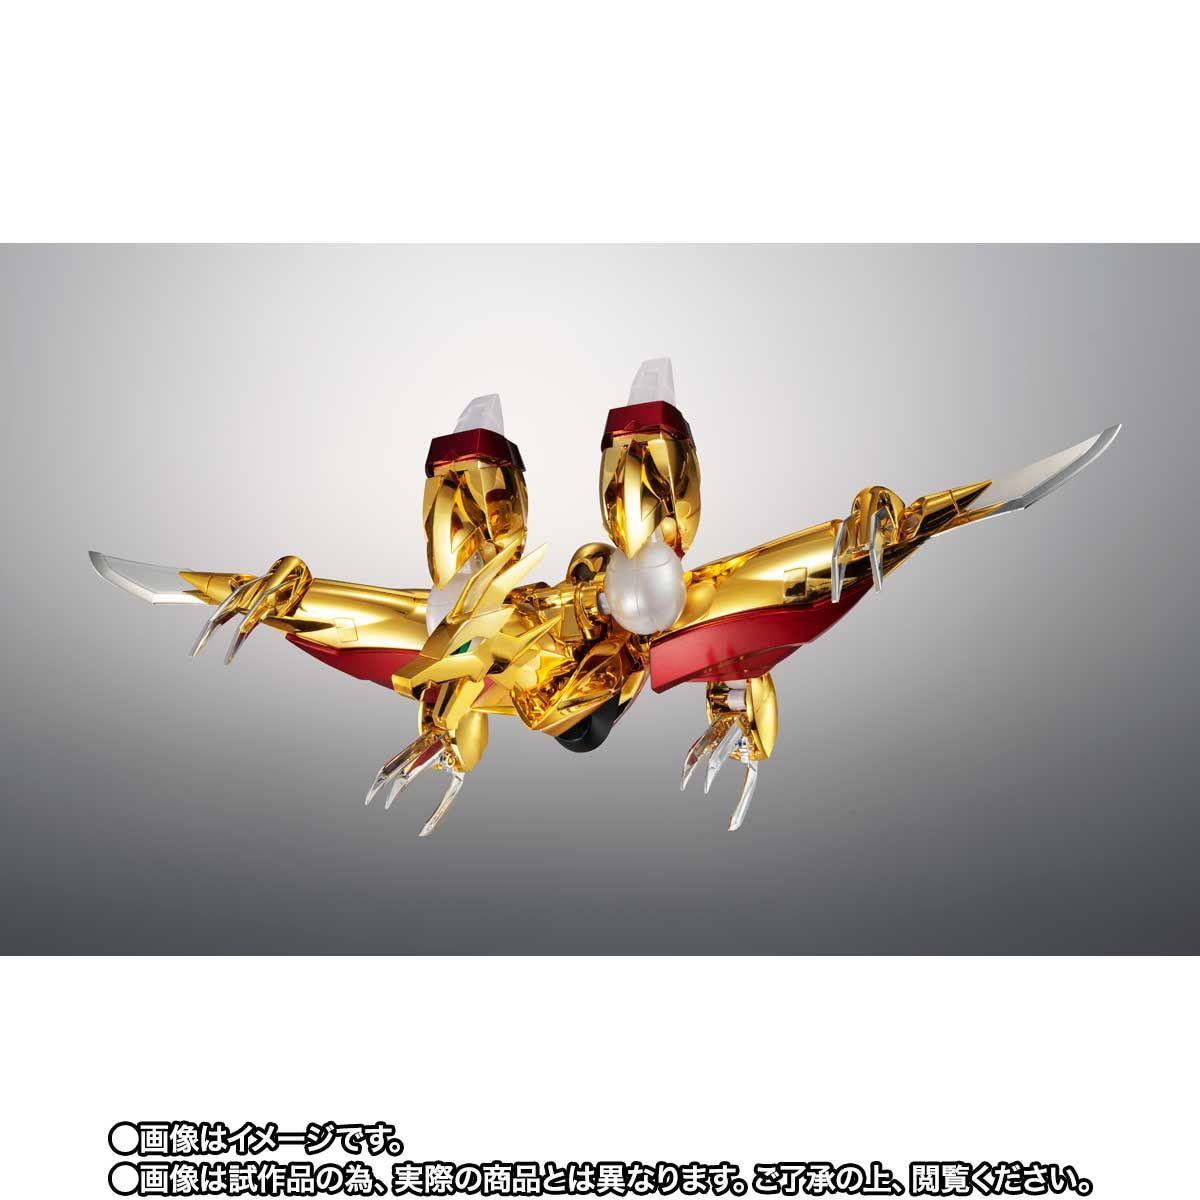 【限定販売】ROBOT魂〈SIDE MASHIN〉『龍星丸 30周年特別記念版』魔神英雄伝ワタル 可動フィギュア-007